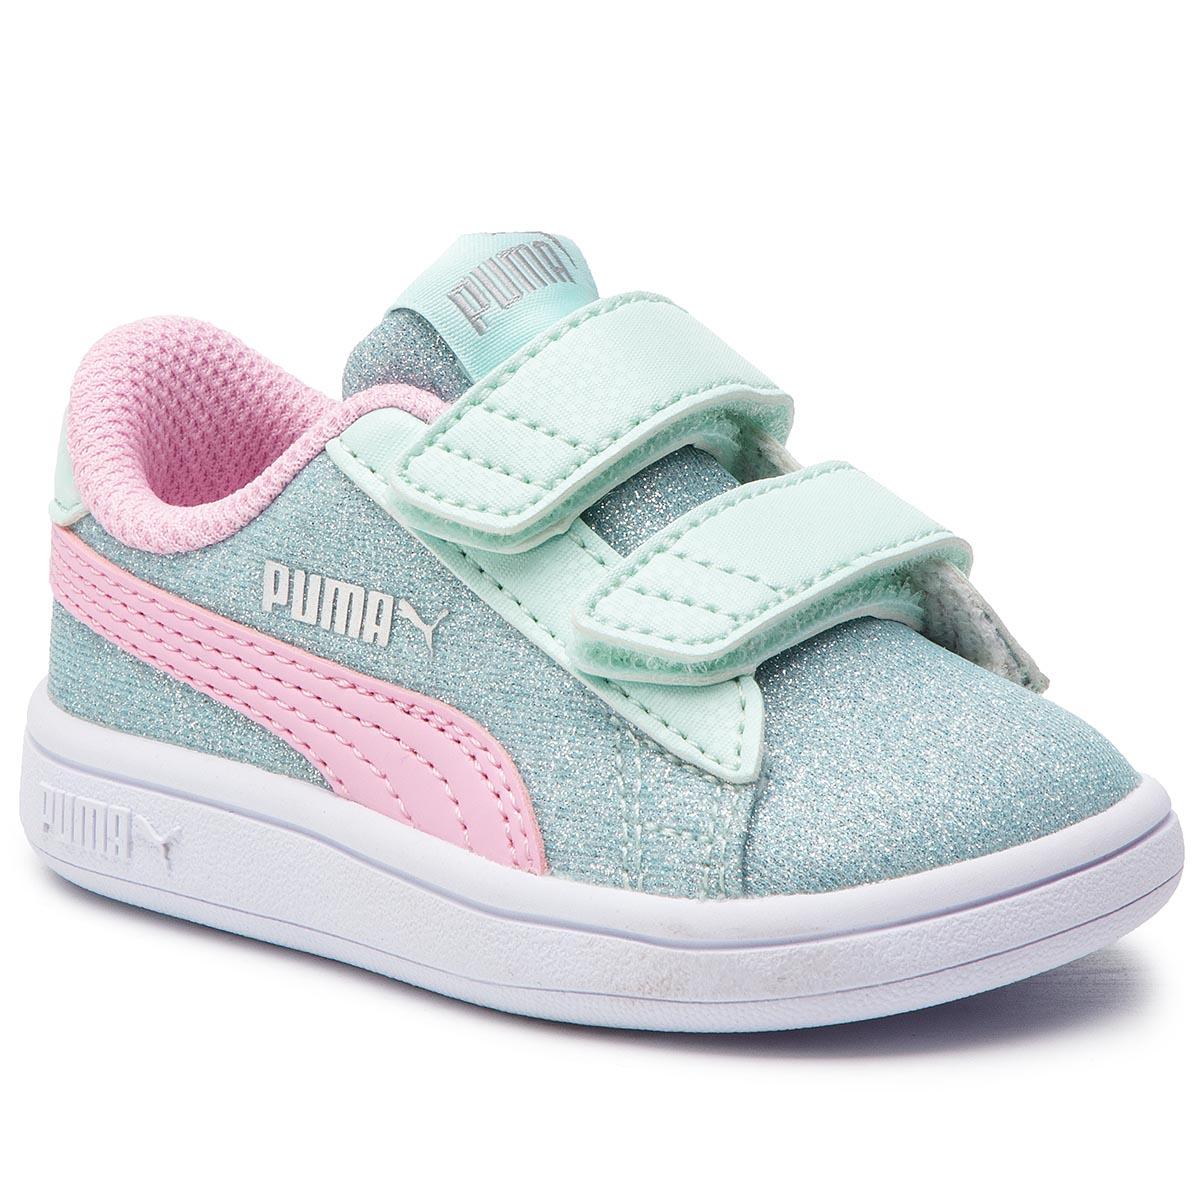 Sneakers PUMA Smash V2 Glitz GlamV Ps 367378 02 Orchid